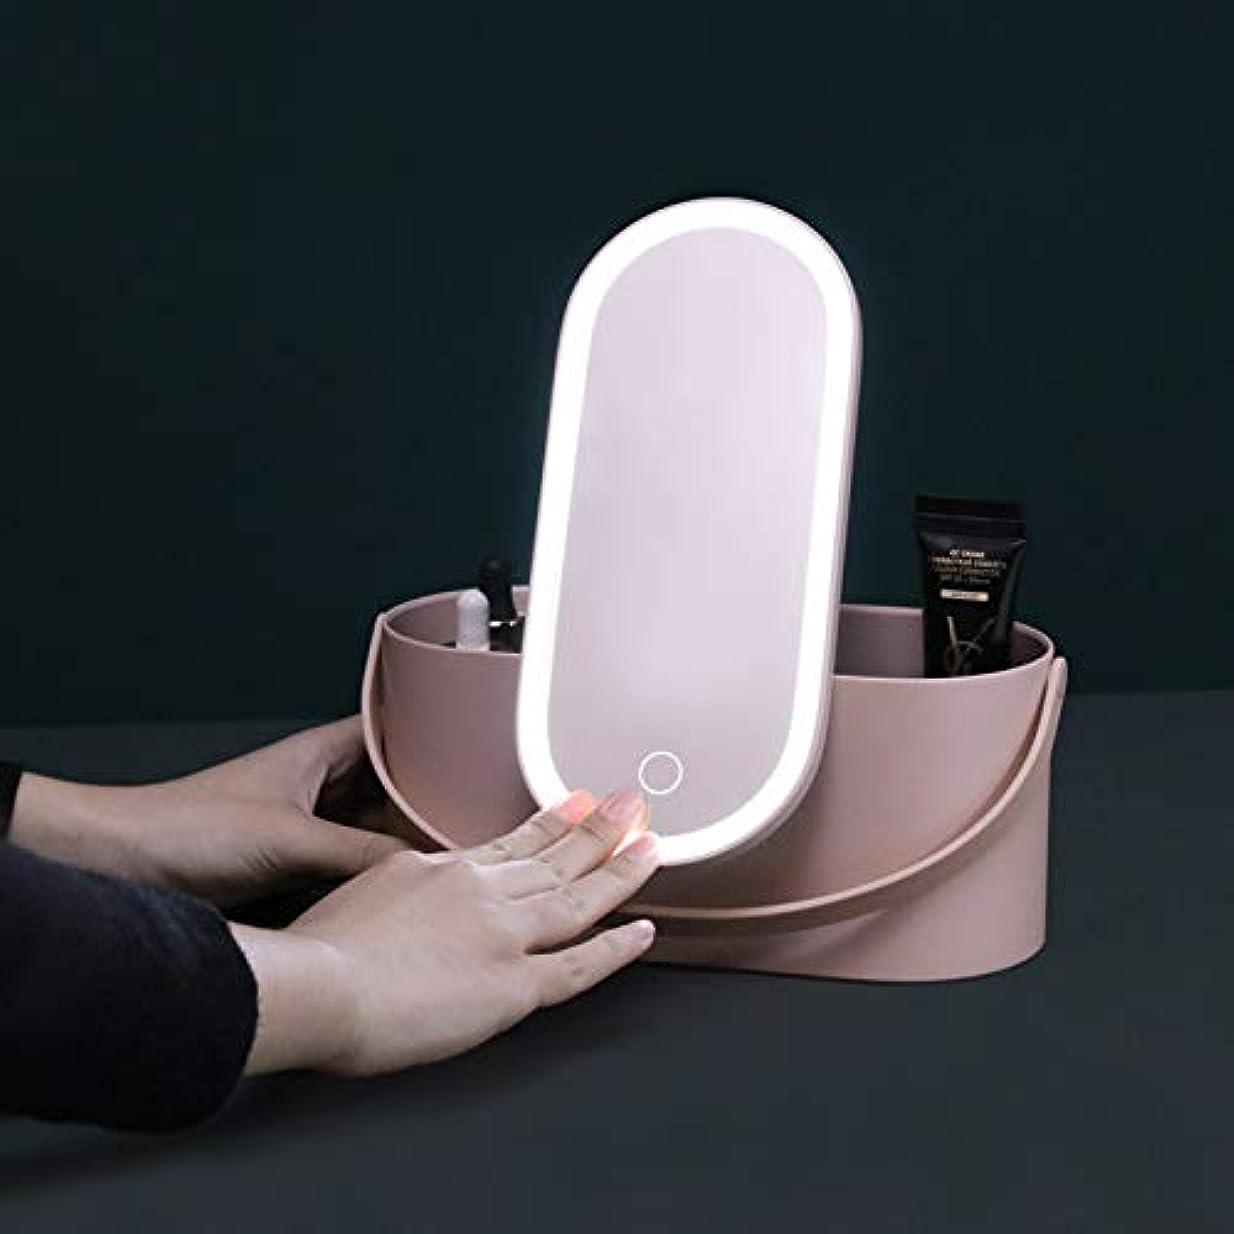 メアリアンジョーンズ直感避難BelleLife 化粧鏡付きの便携式メイクボックス 鏡 卓上化粧品収納ボックス LEDライト付きミラー 明るさ調節可能 180度回転 USB 旅行中にいつでも化粧直し 鏡台として使える (ピンク)